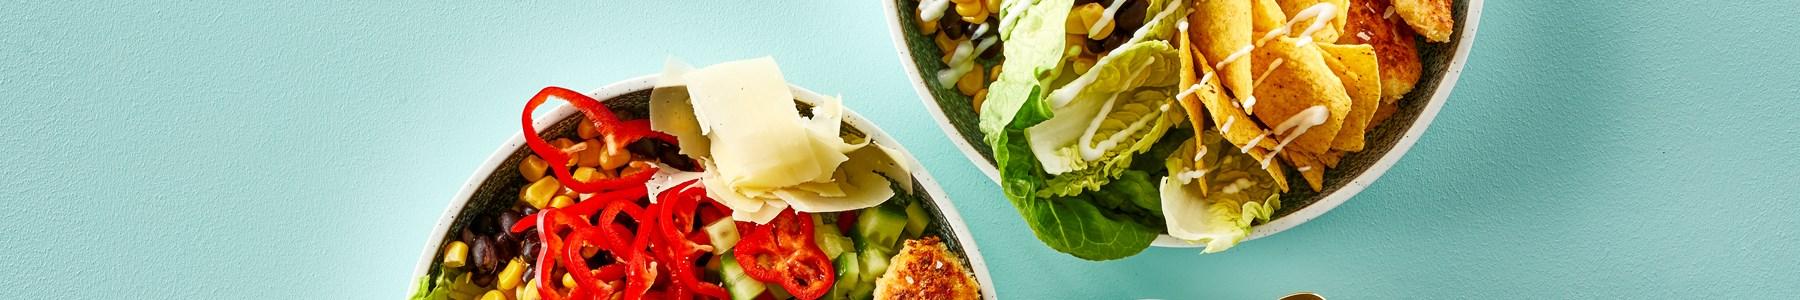 Hurtig + Sorte bønner + Salater